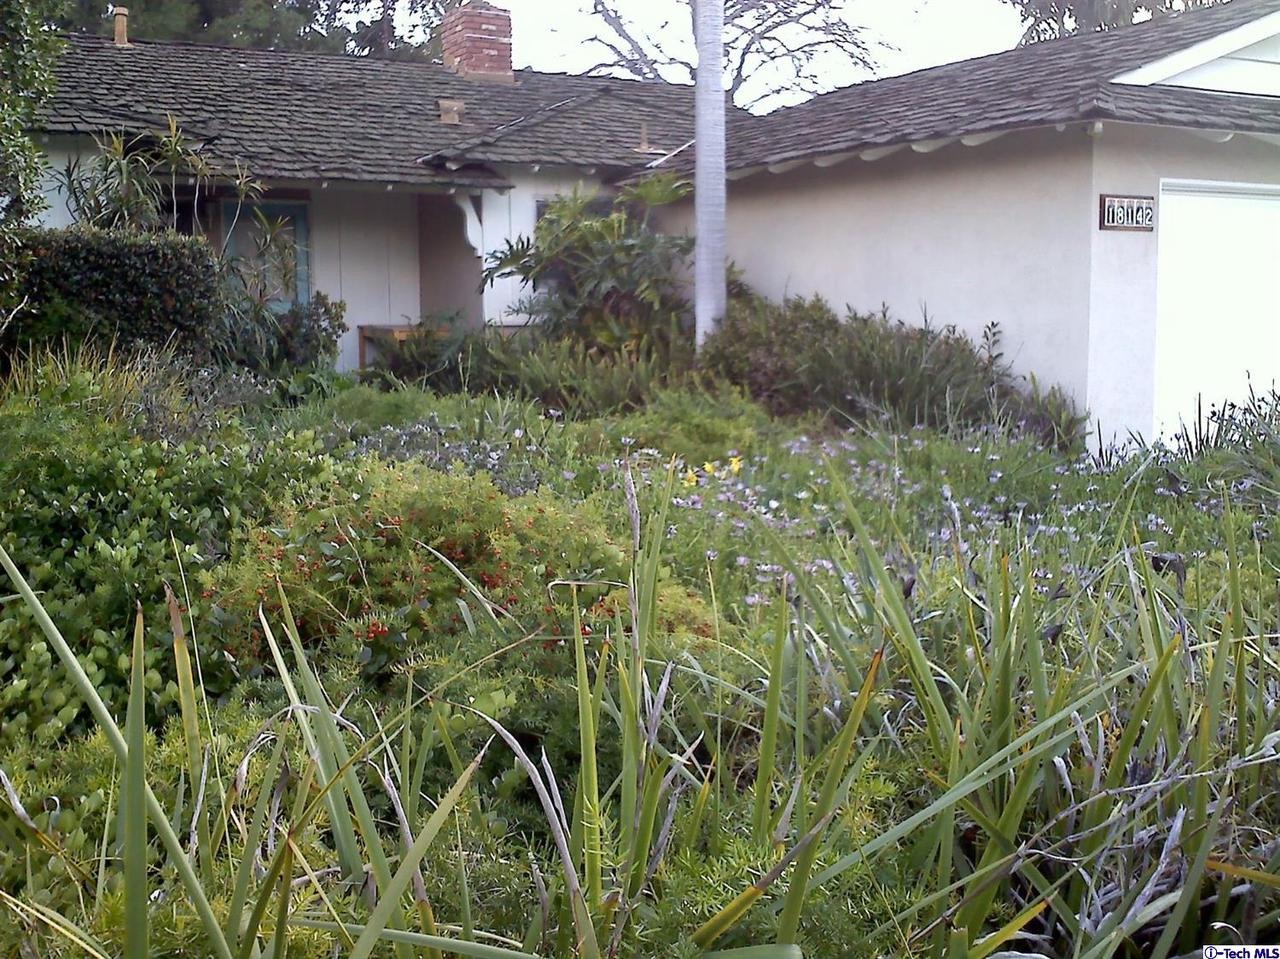 18142 ROMELLE, Santa Ana, CA 92705